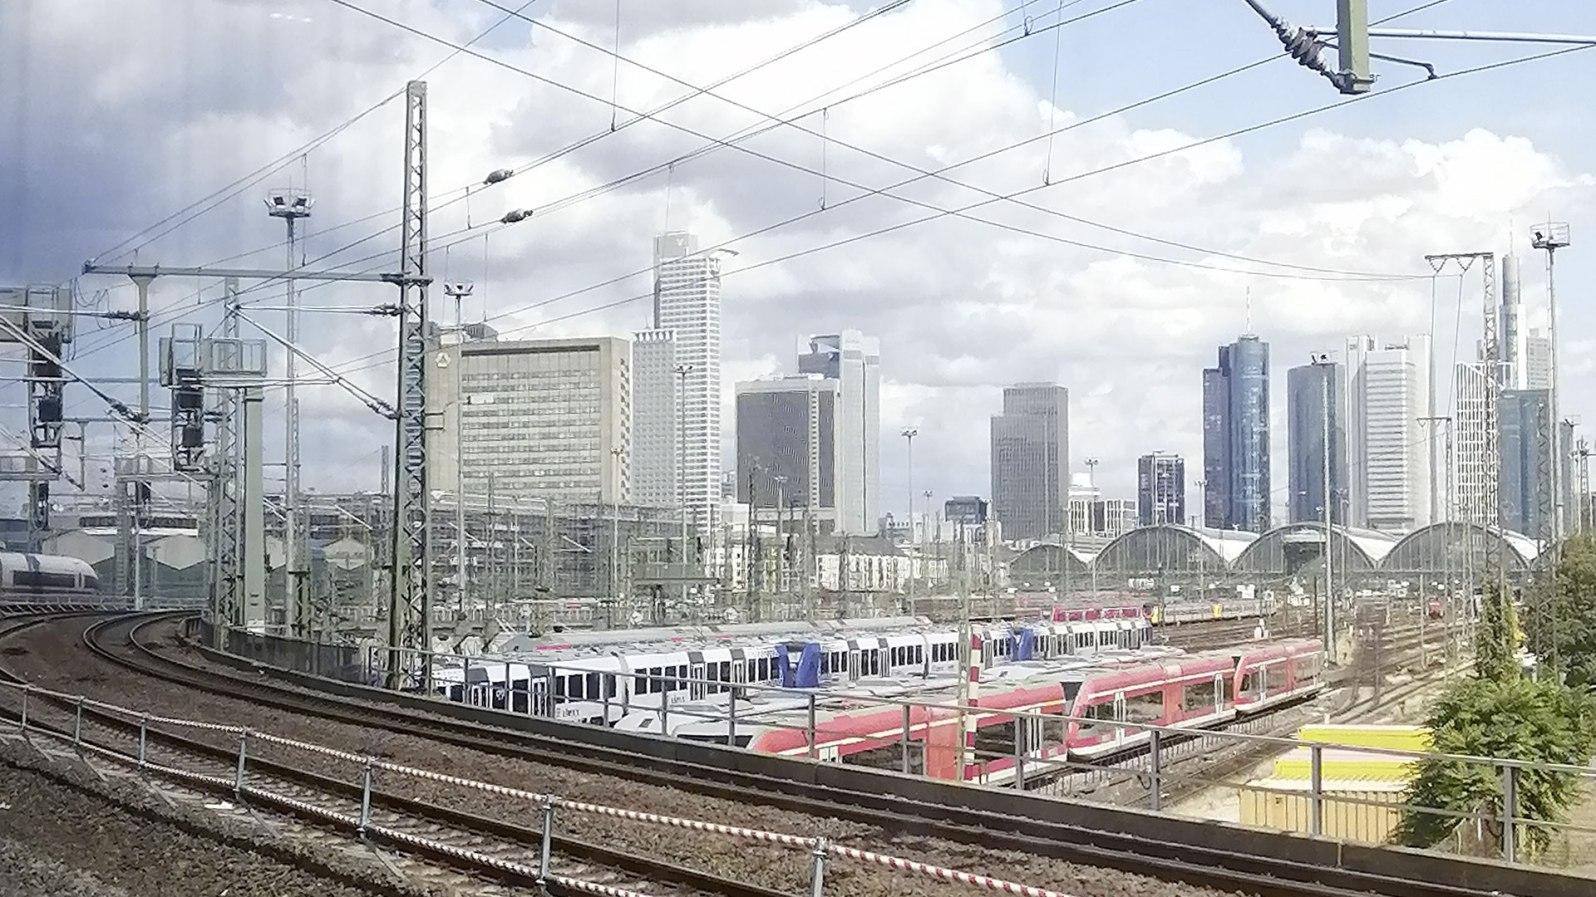 Mit reichlich Verspätung erreiche ich den Zwischenstopp Frankfurt am Main.